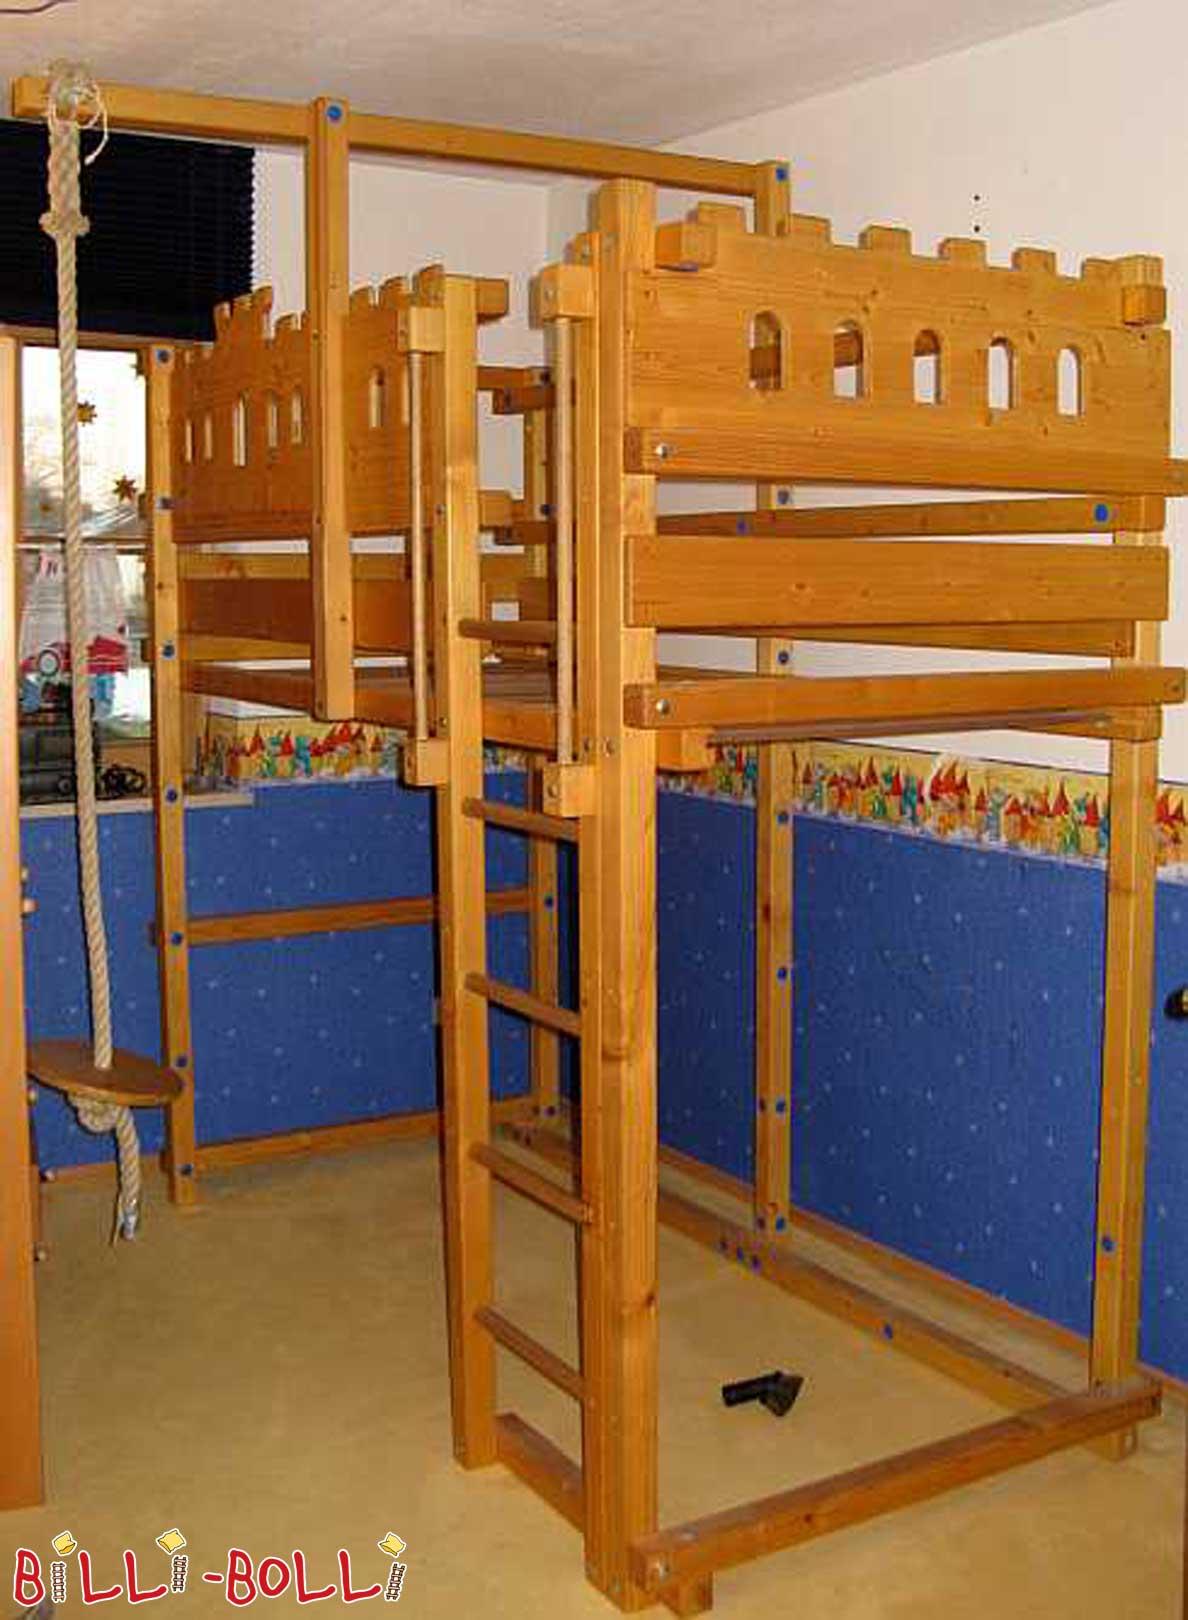 secondhand page 109 billi bolli kids furniture. Black Bedroom Furniture Sets. Home Design Ideas